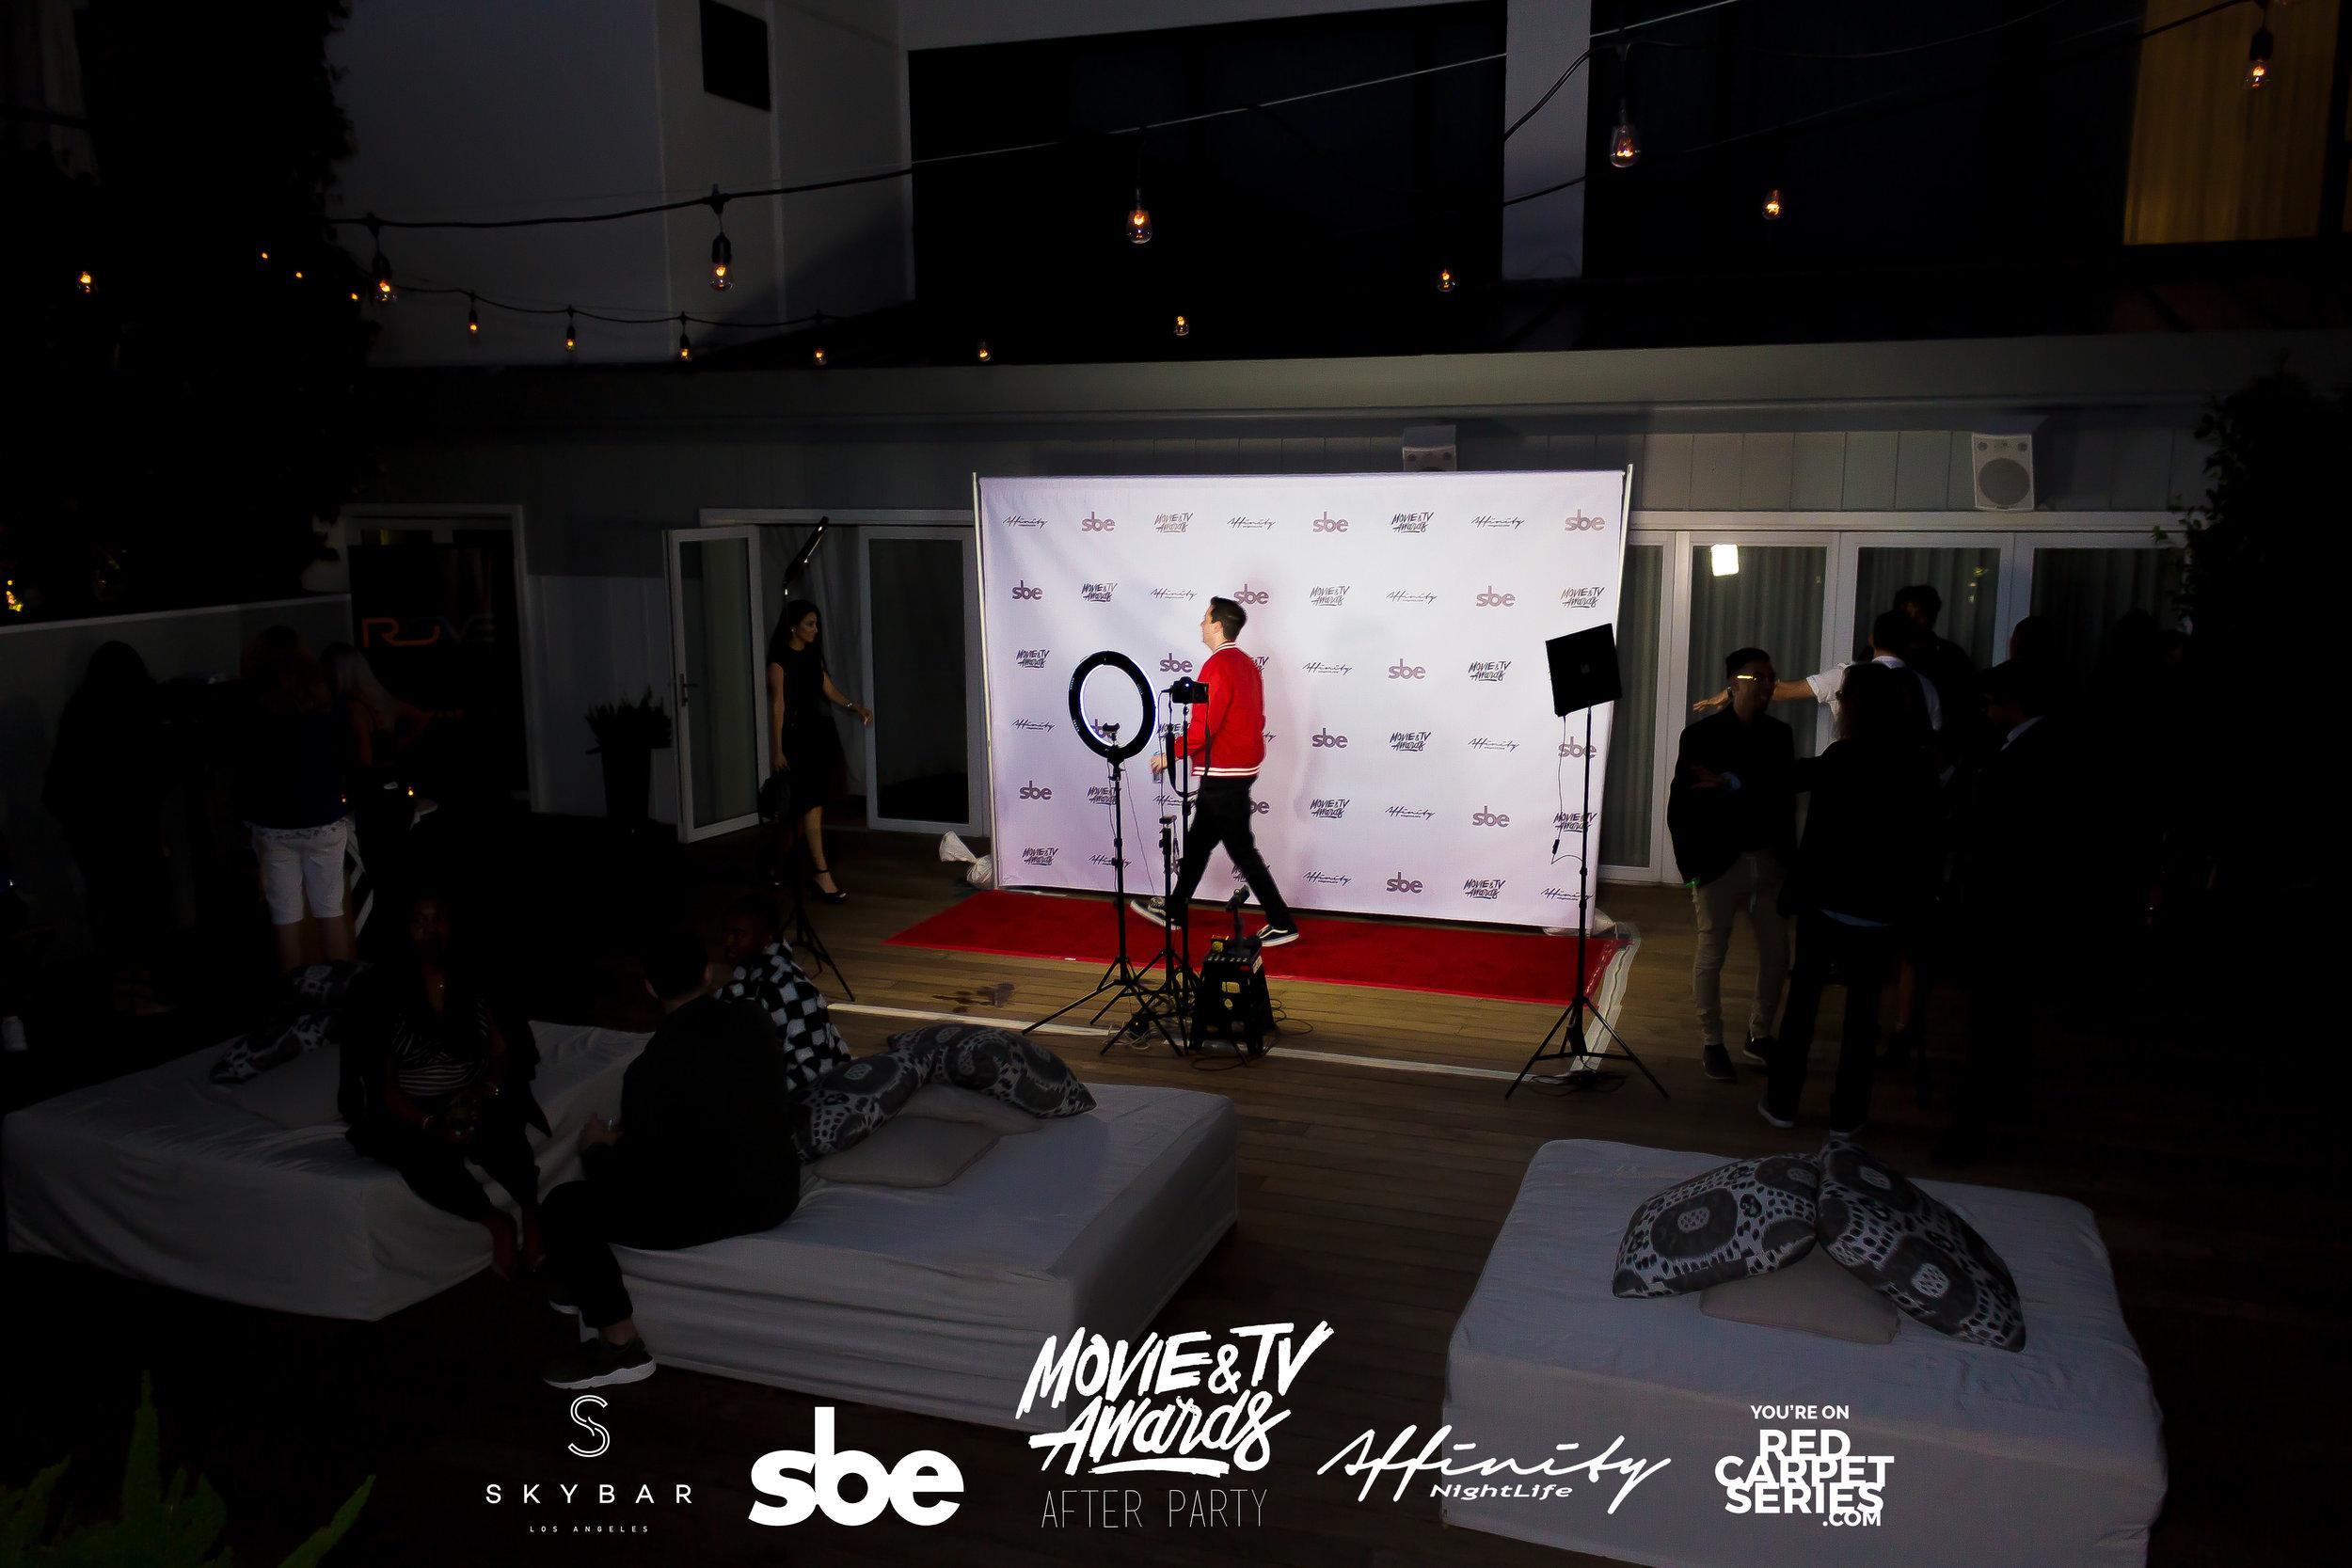 Affinity Nightlife MTV Movie & TV Awards After Party - Skybar at Mondrian - 06-15-19 - Vol. 1_13.jpg